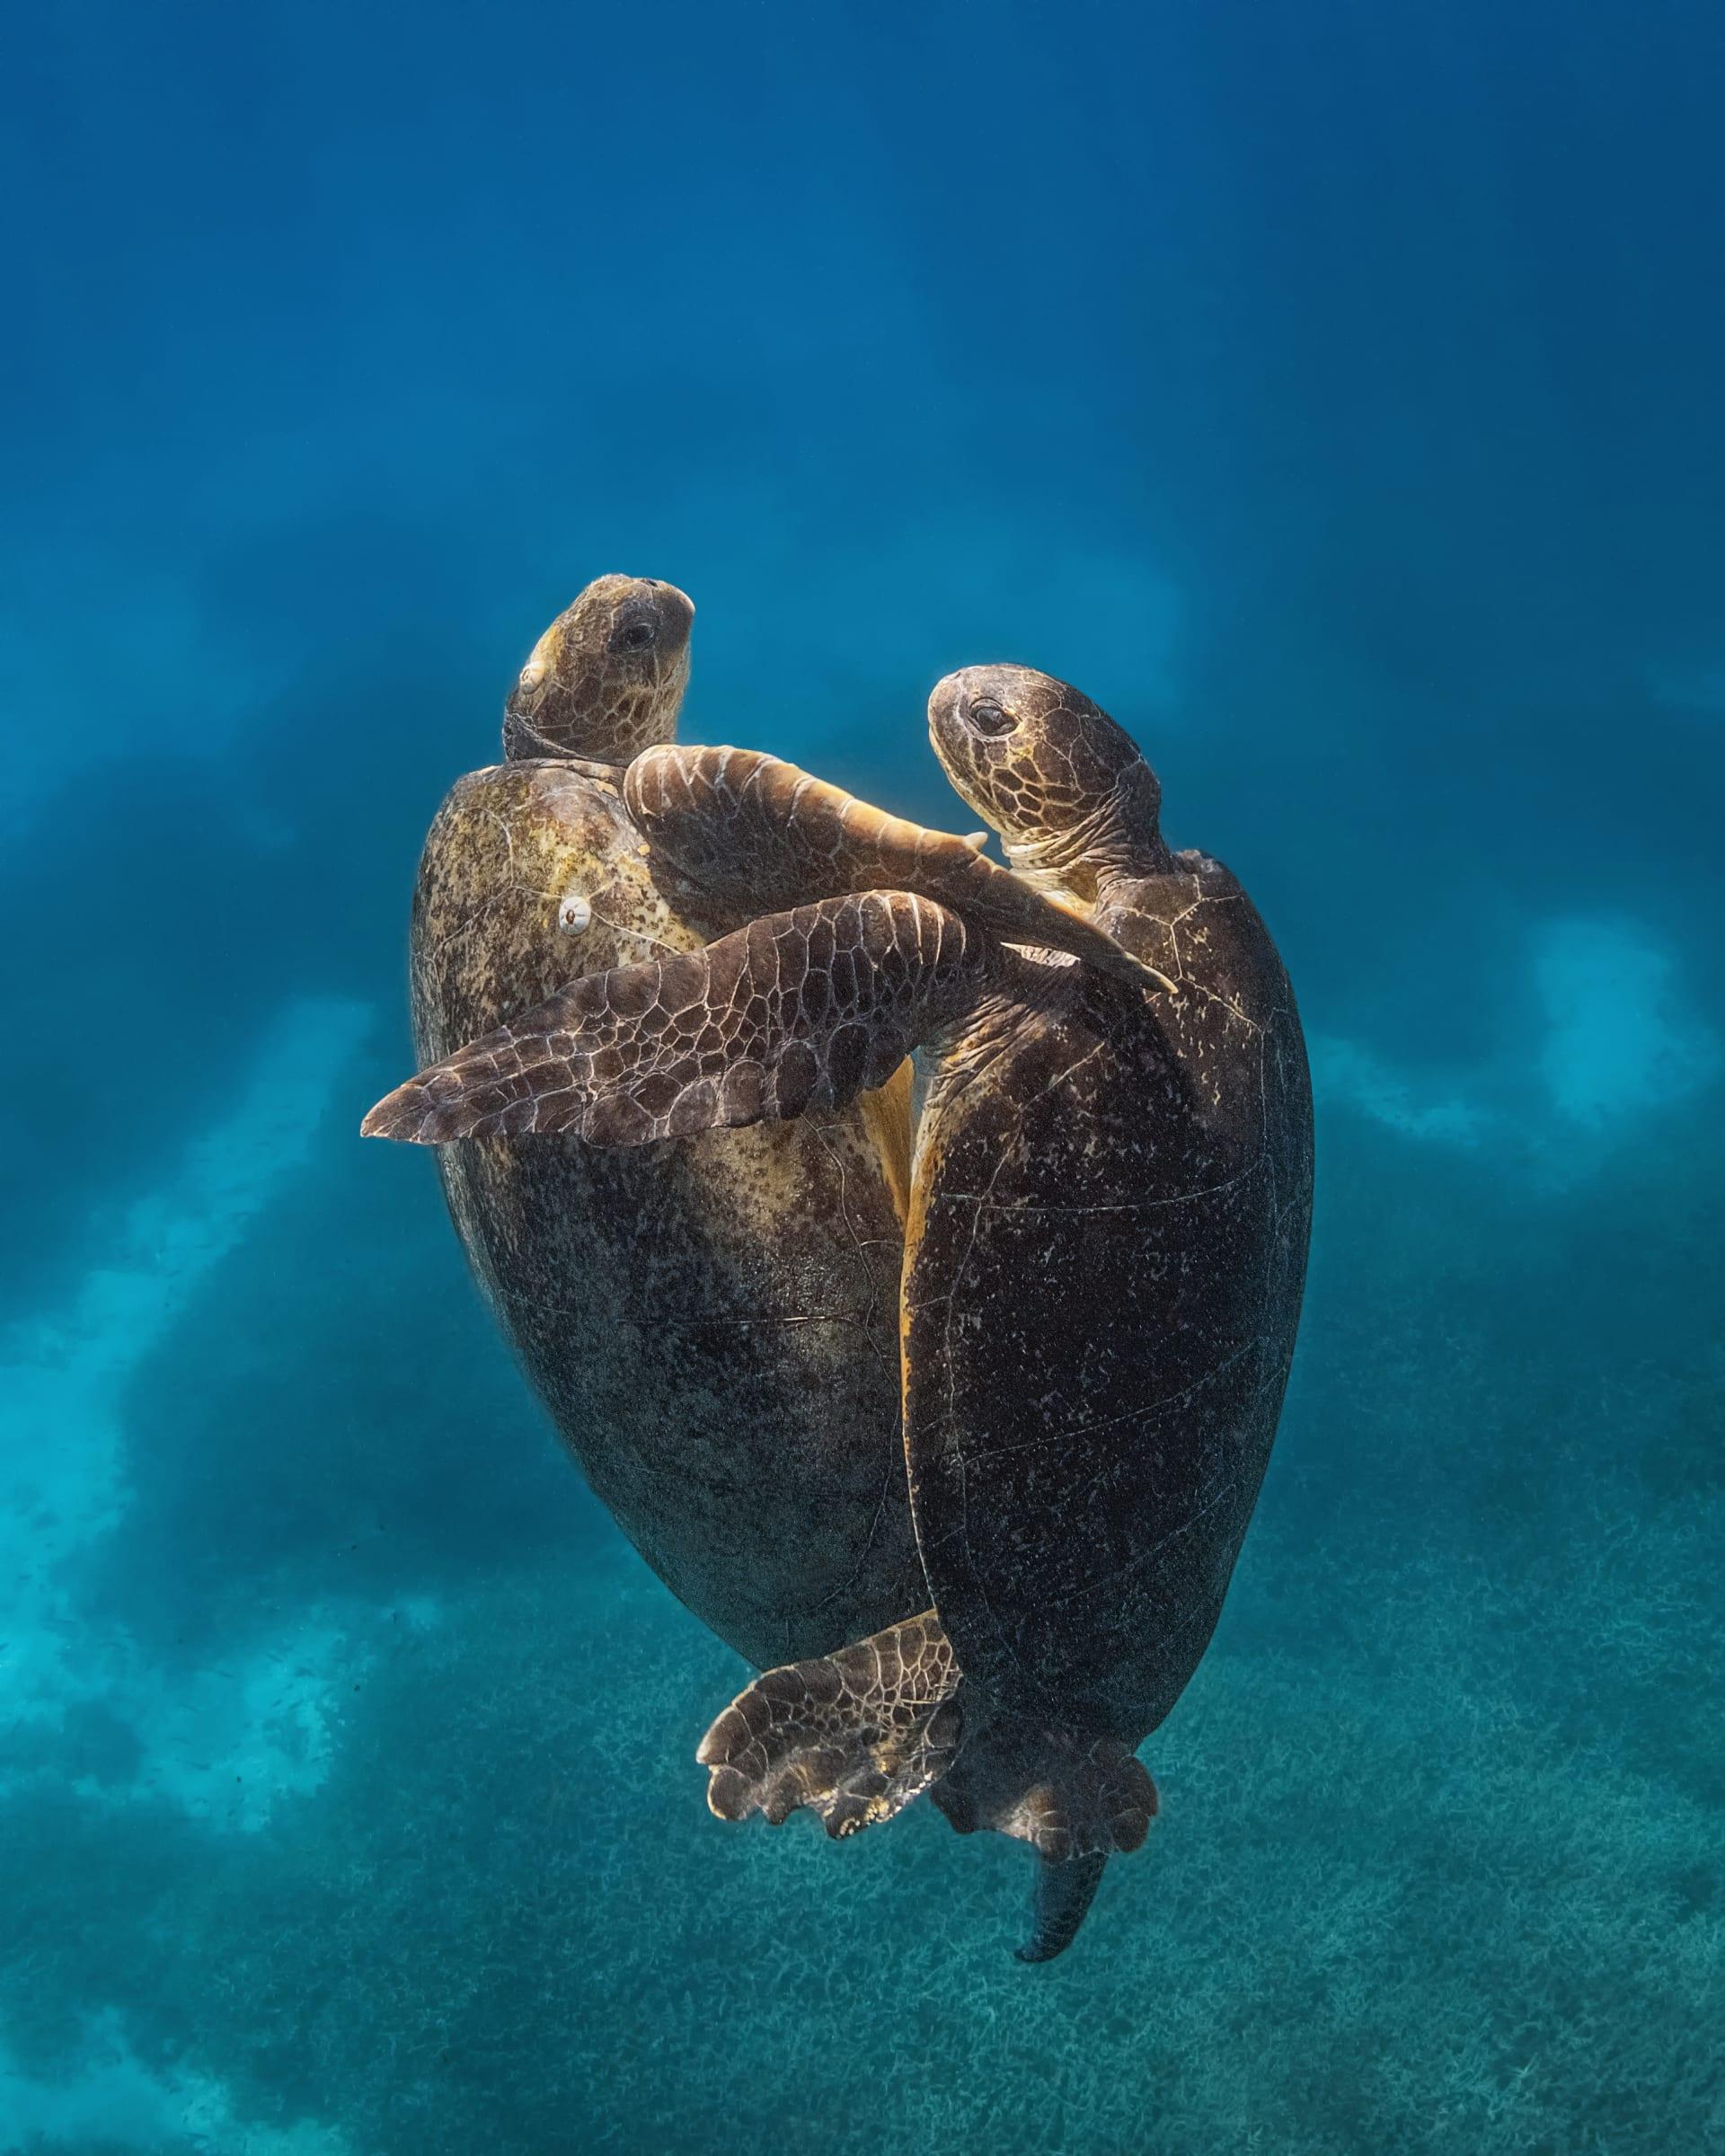 تزاوج السلاحف البحرية المهددة بالانقراض